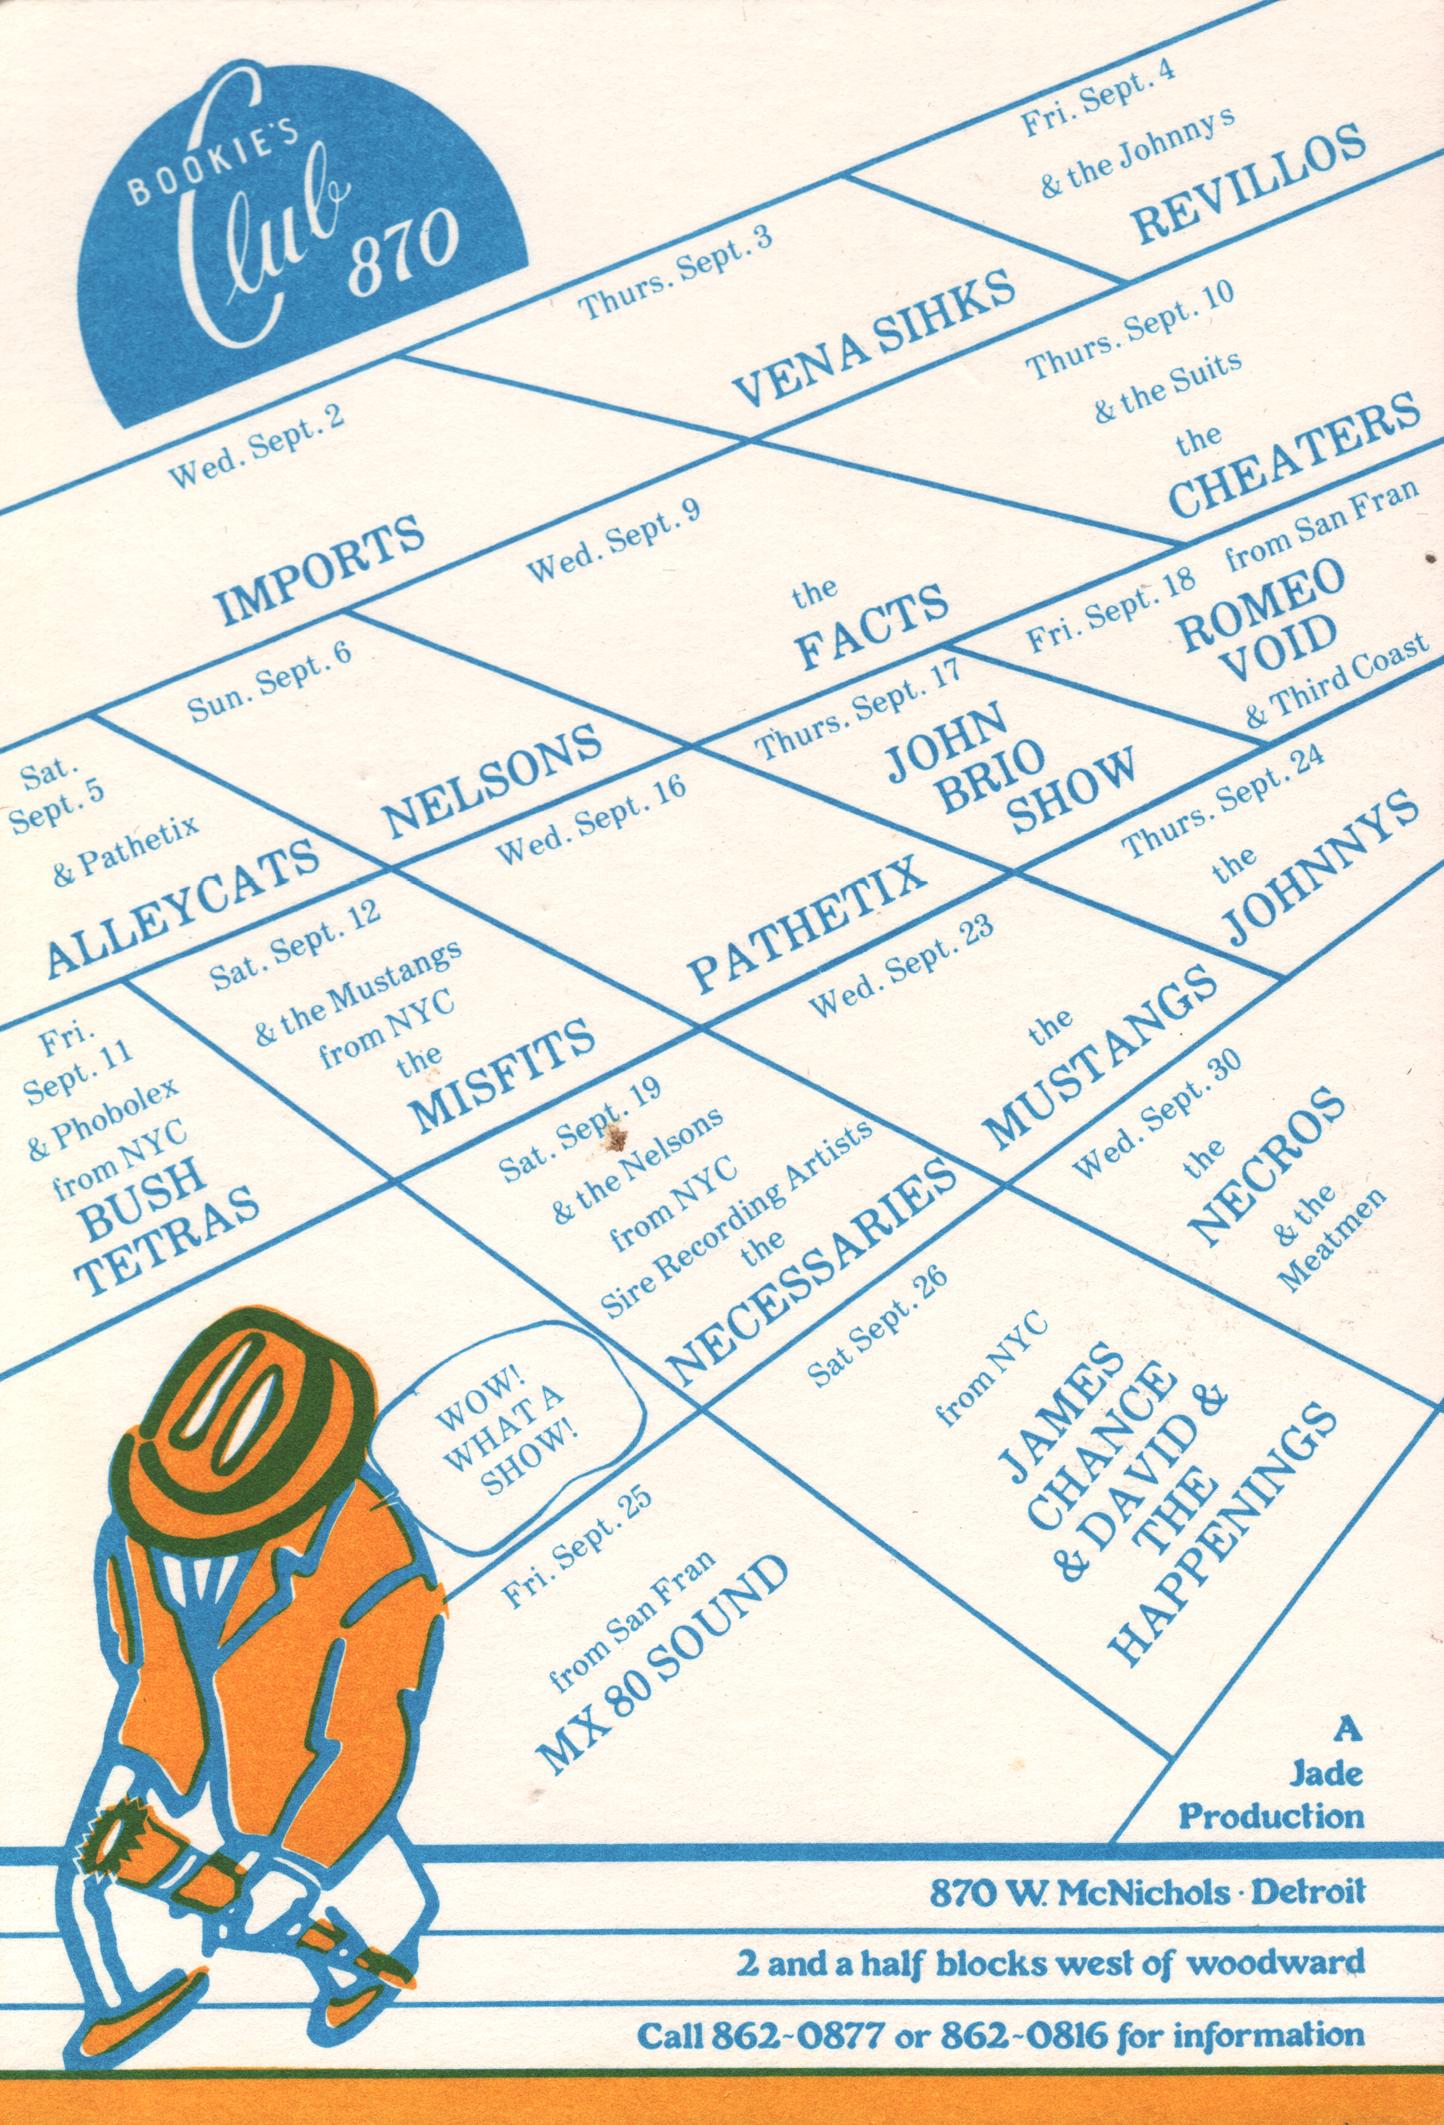 Bookie's Club 870 – Detroit Punk Archive